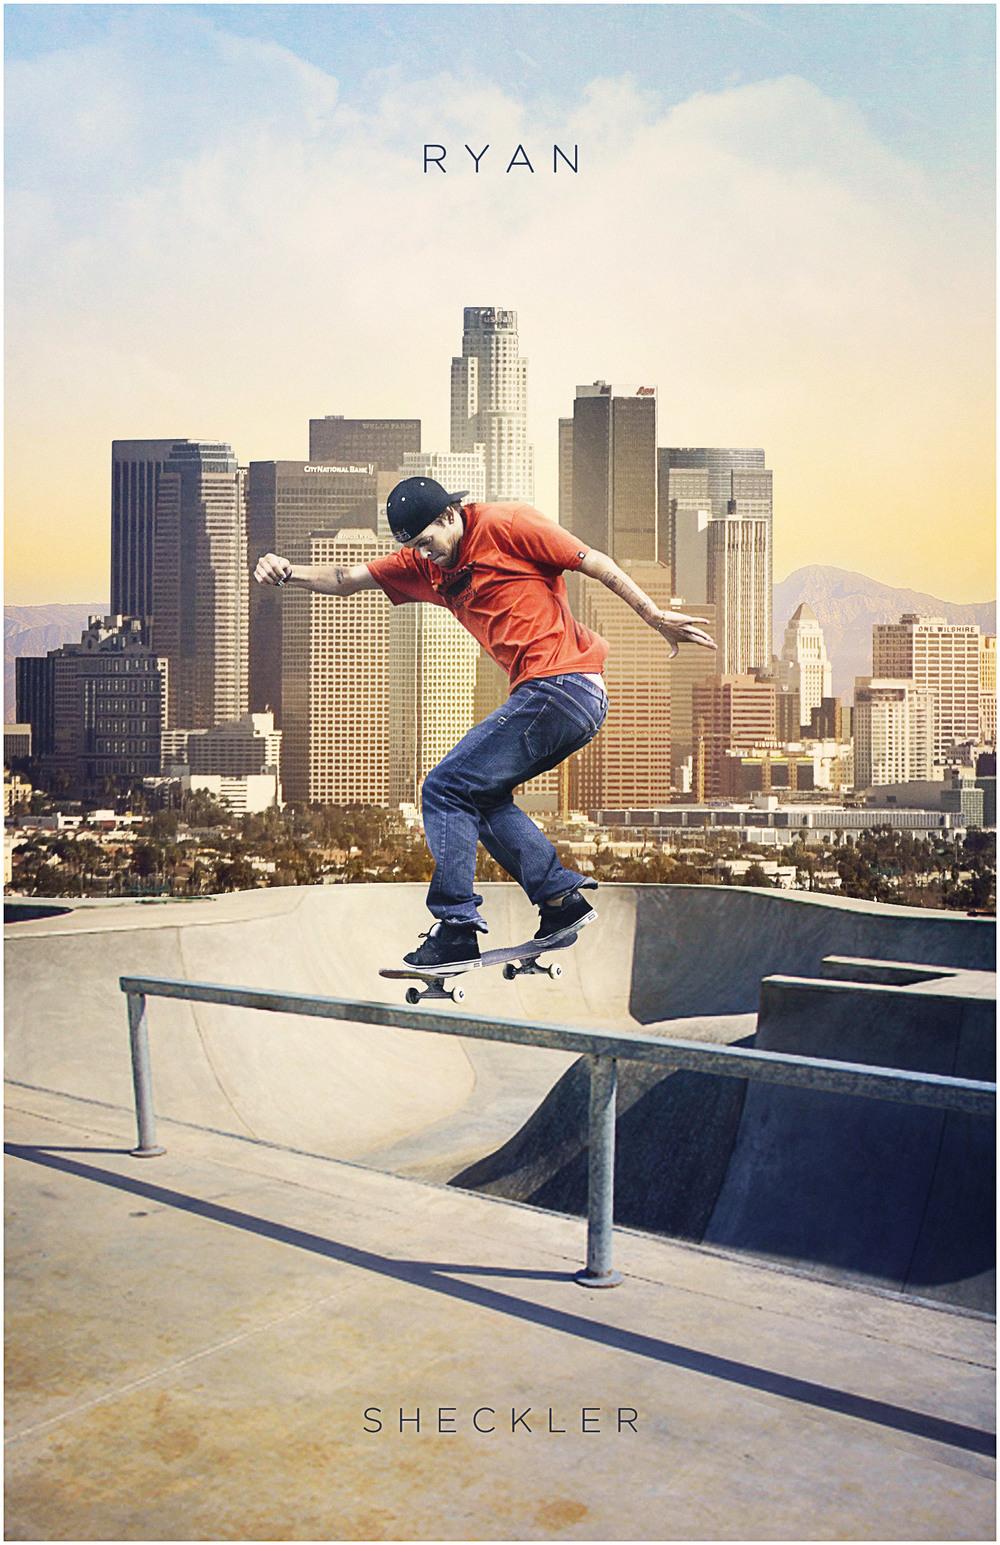 RedBull_Skateboard_Large